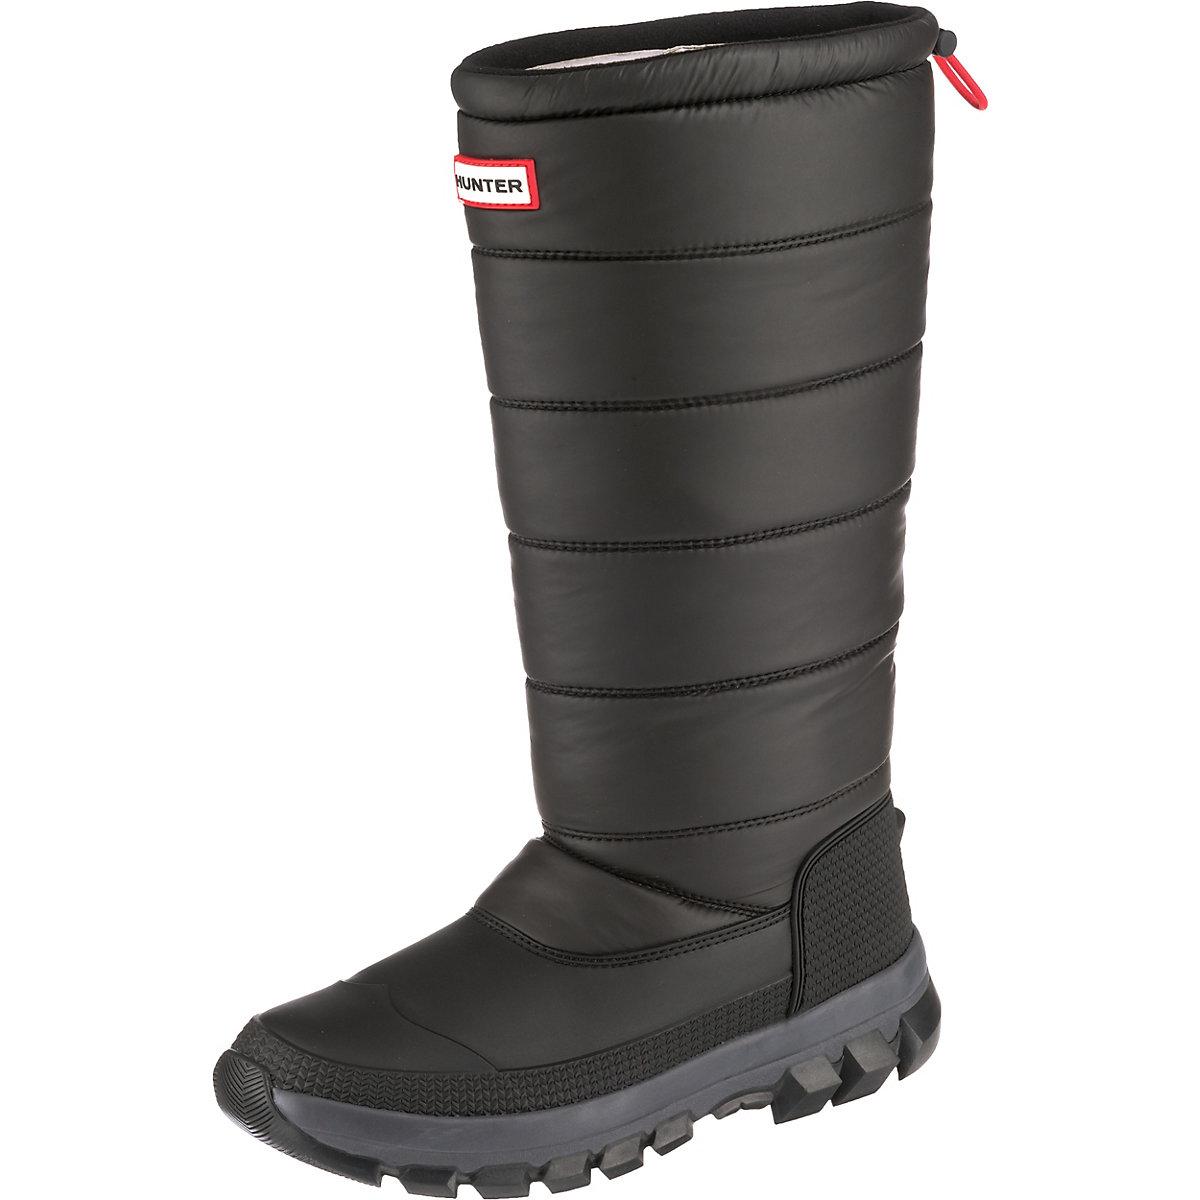 HUNTER, damen Original Snow Stiefel Tall Winterstiefel, schwarz  Gute Qualität beliebte Schuhe